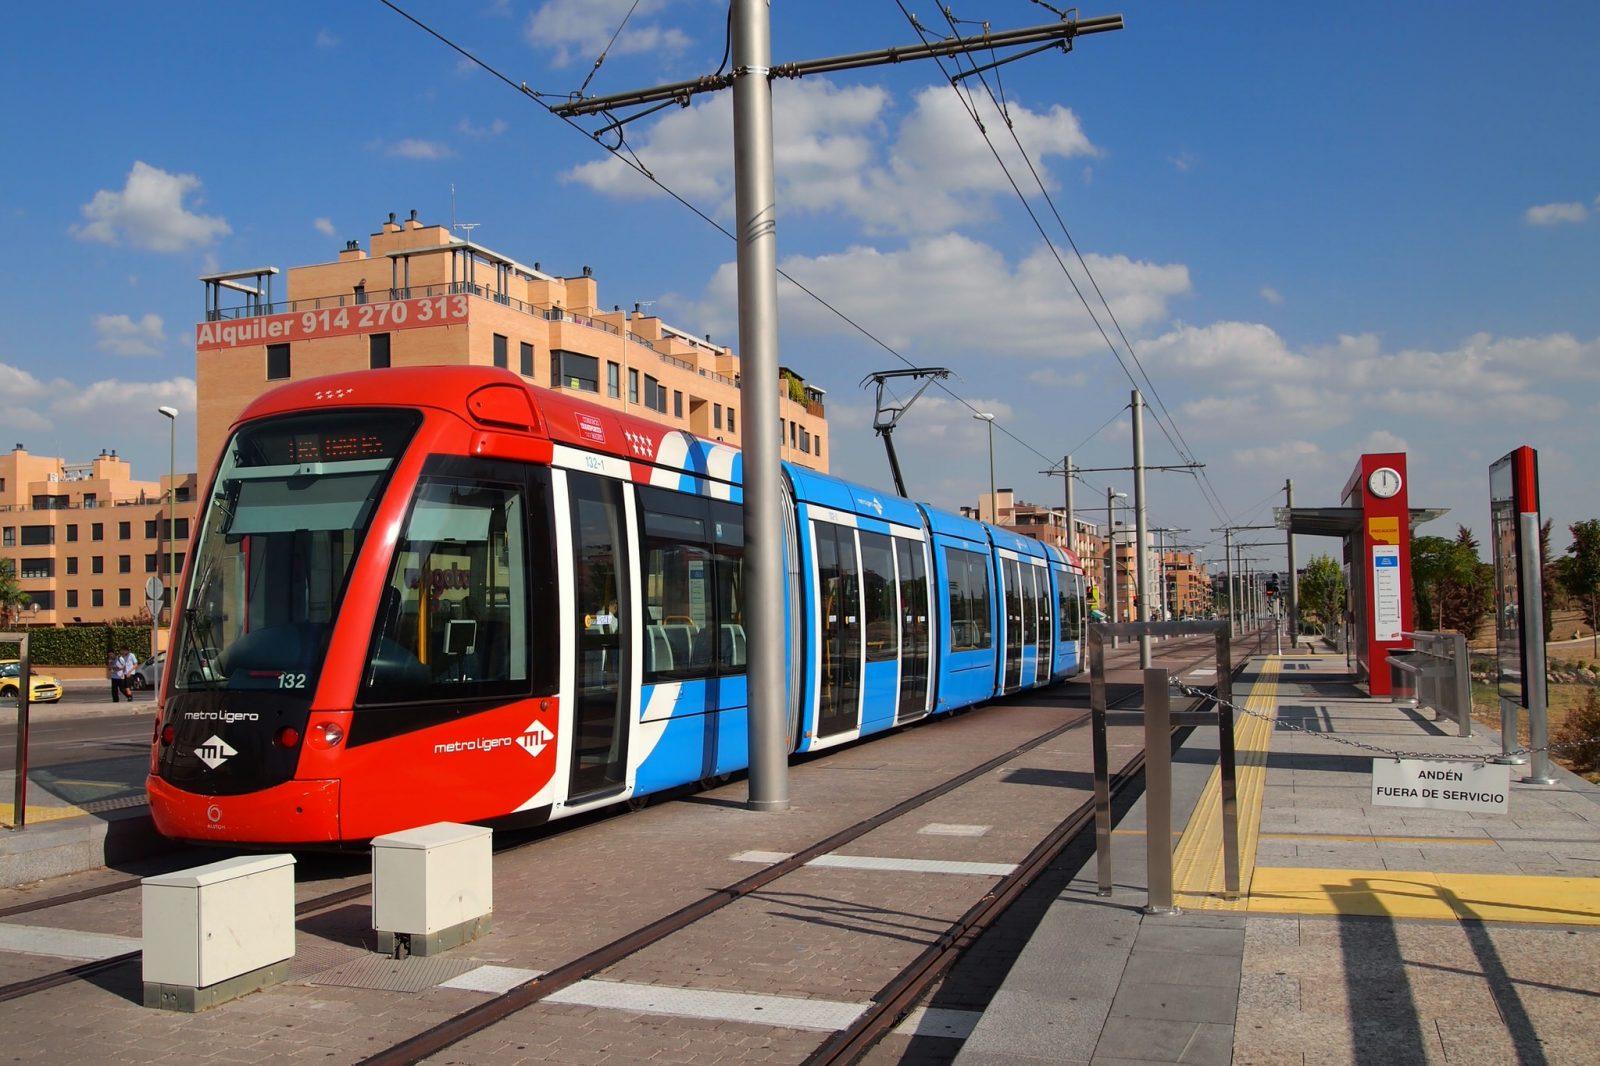 Metro ligero – легкое метро (фото: Tiia Monto)